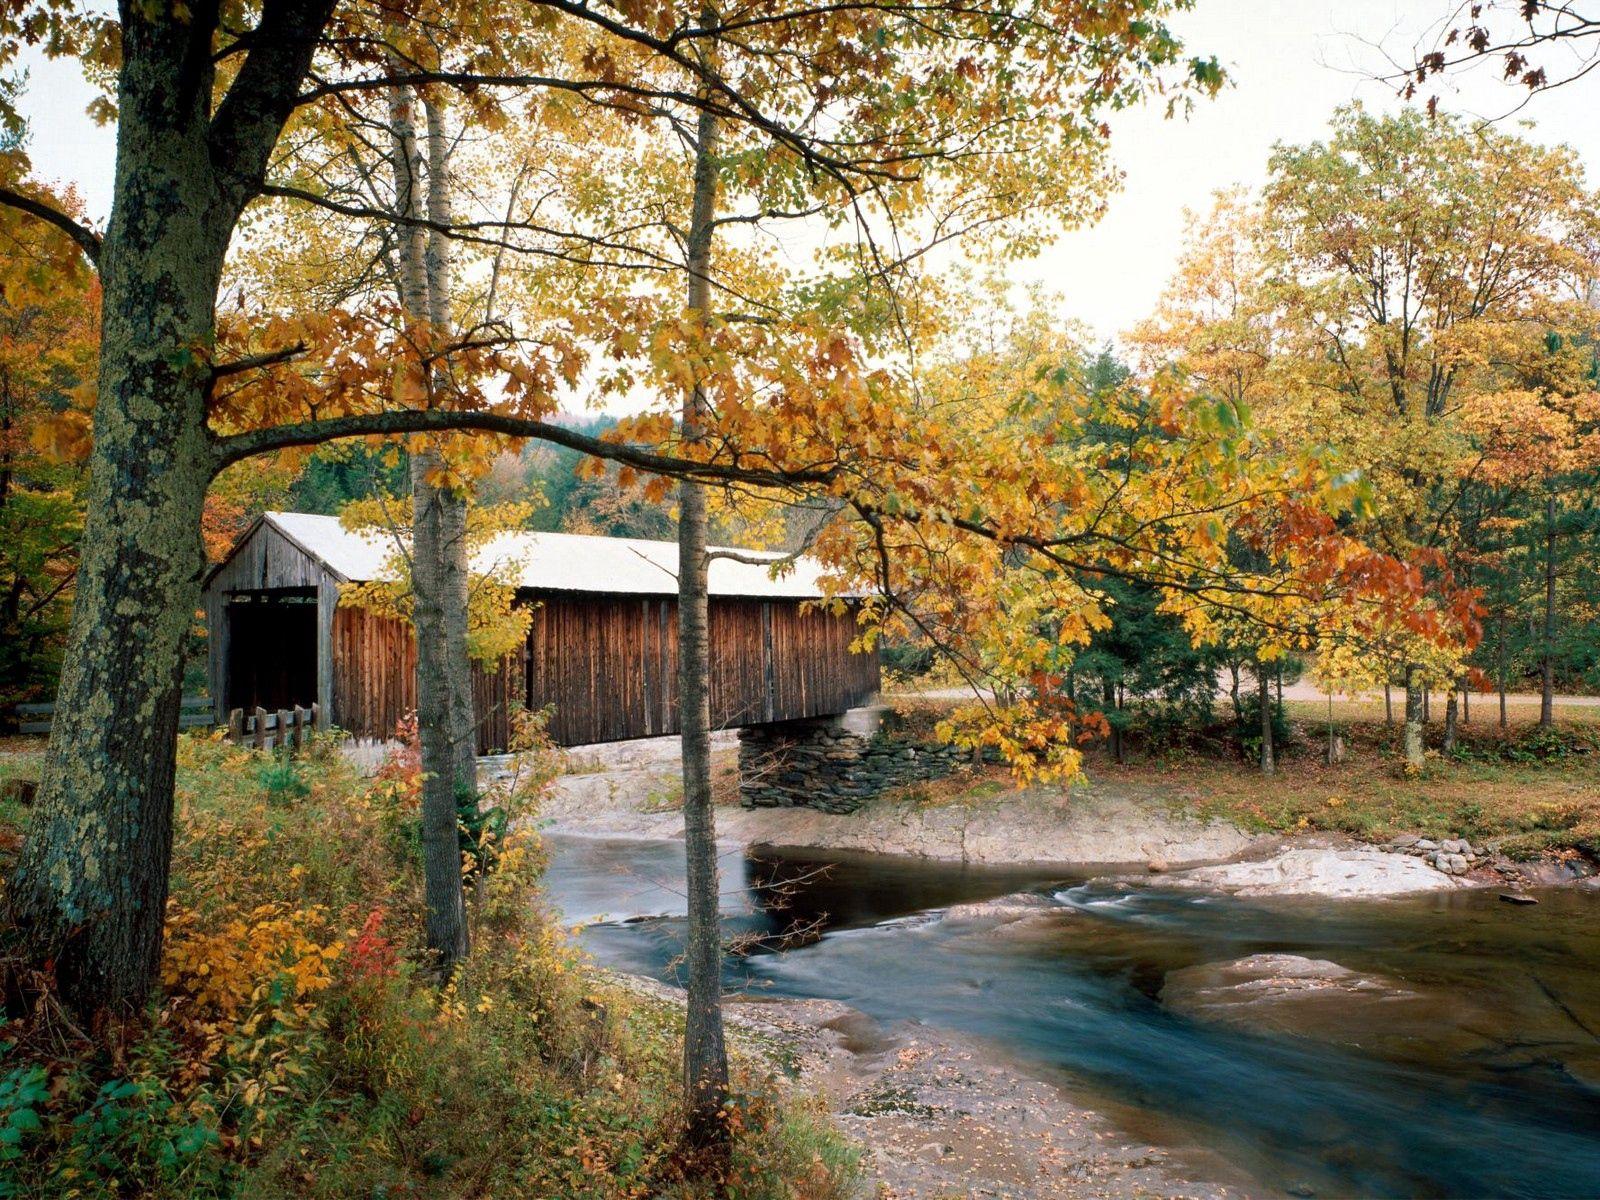 64452 Hintergrundbild 480x800 kostenlos auf deinem Handy, lade Bilder Natur, Flüsse, Bäume, Herbst, Brücke, Waterville, Vermont 480x800 auf dein Handy herunter